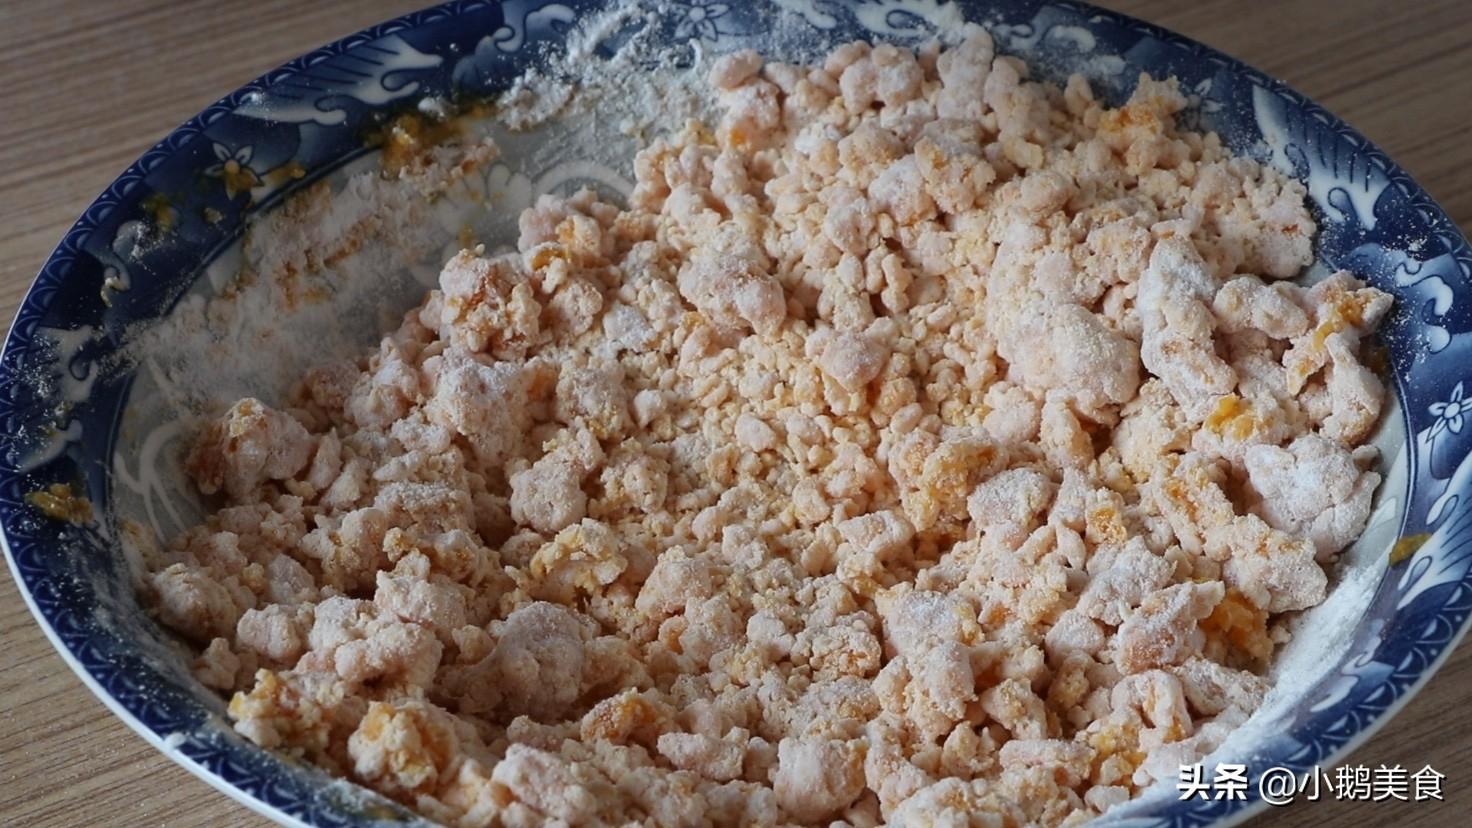 红薯这吃法太香了,老做法教会你,春节家宴做一锅,端上桌就扫光